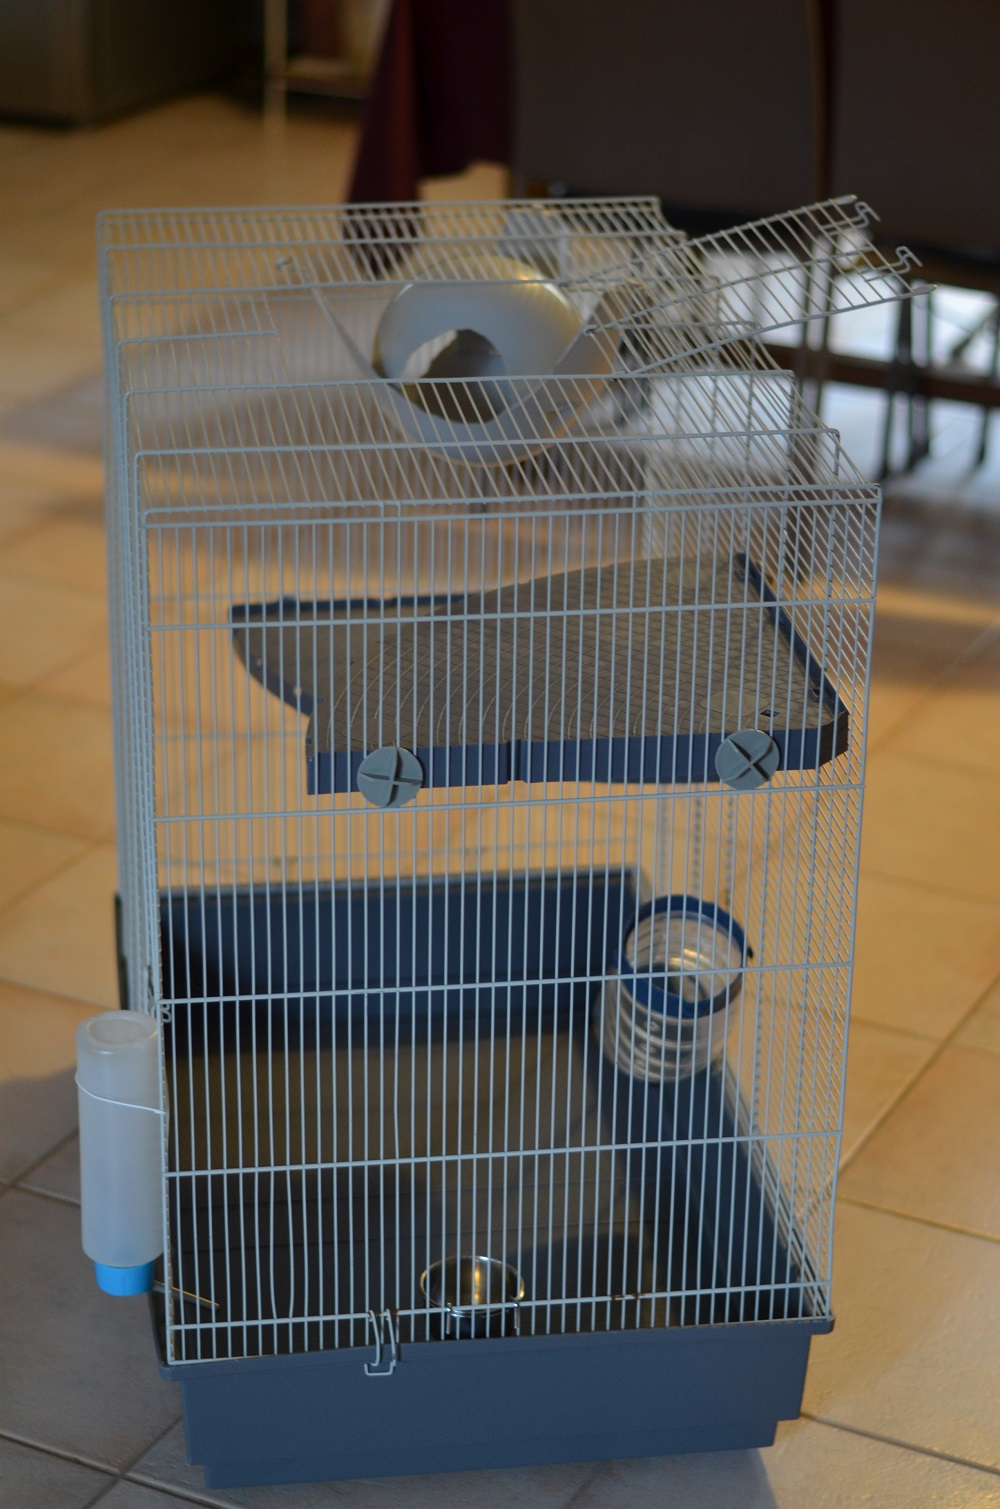 [Recherche] Cage d'ici octobre [Picardie, Nord] 152490a260